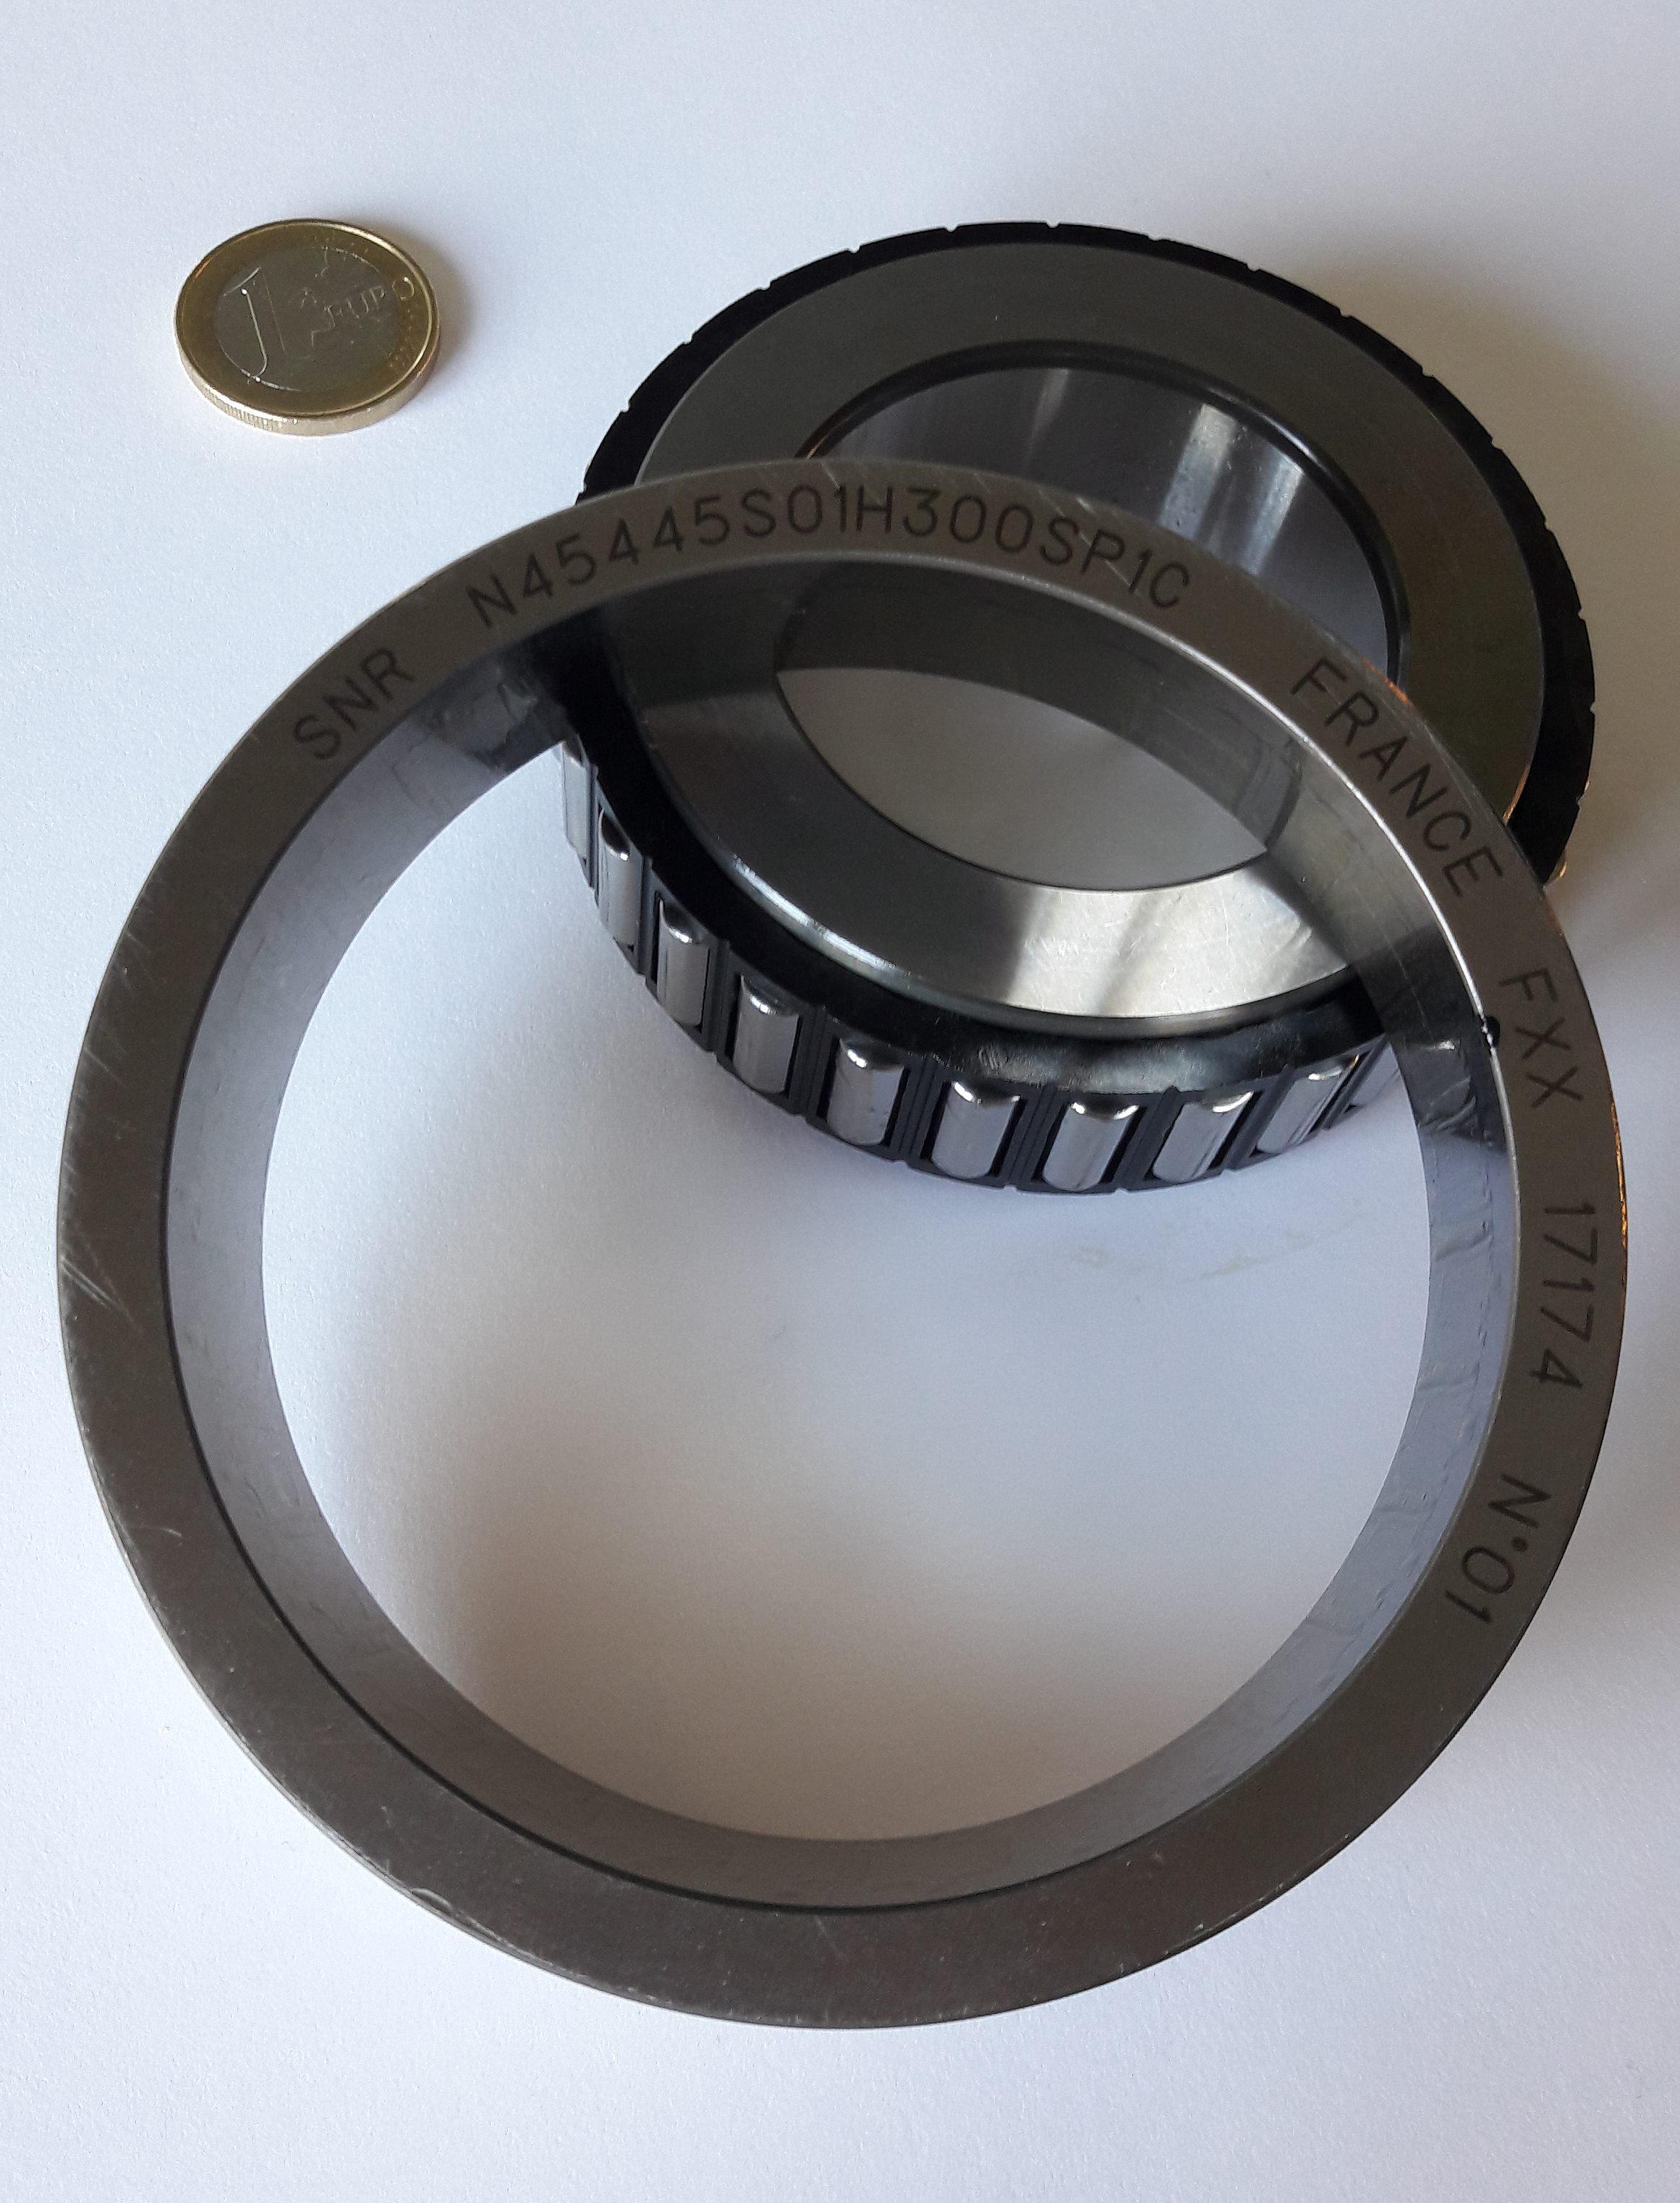 Gallery NTN-SNR crankshaft bearing 4